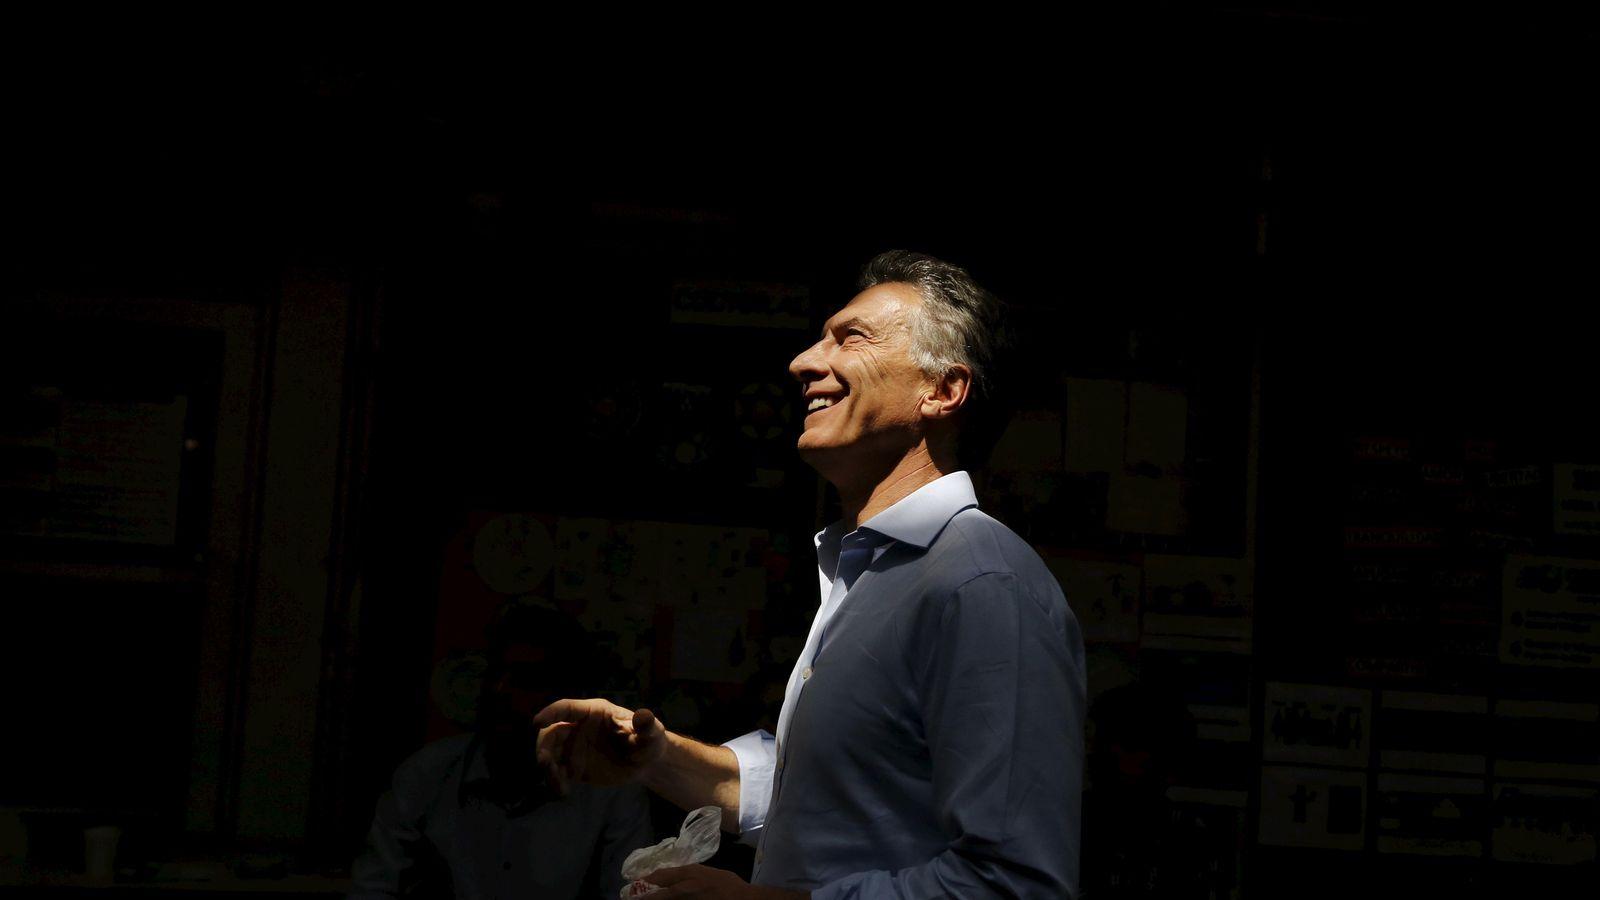 Foto: Mauricio Macri, vencedor de las elecciones argentinas, sonríe al llegar a un colegio electoral en Buenos Aires, el 22 de noviembre de 2015. (Reuters)